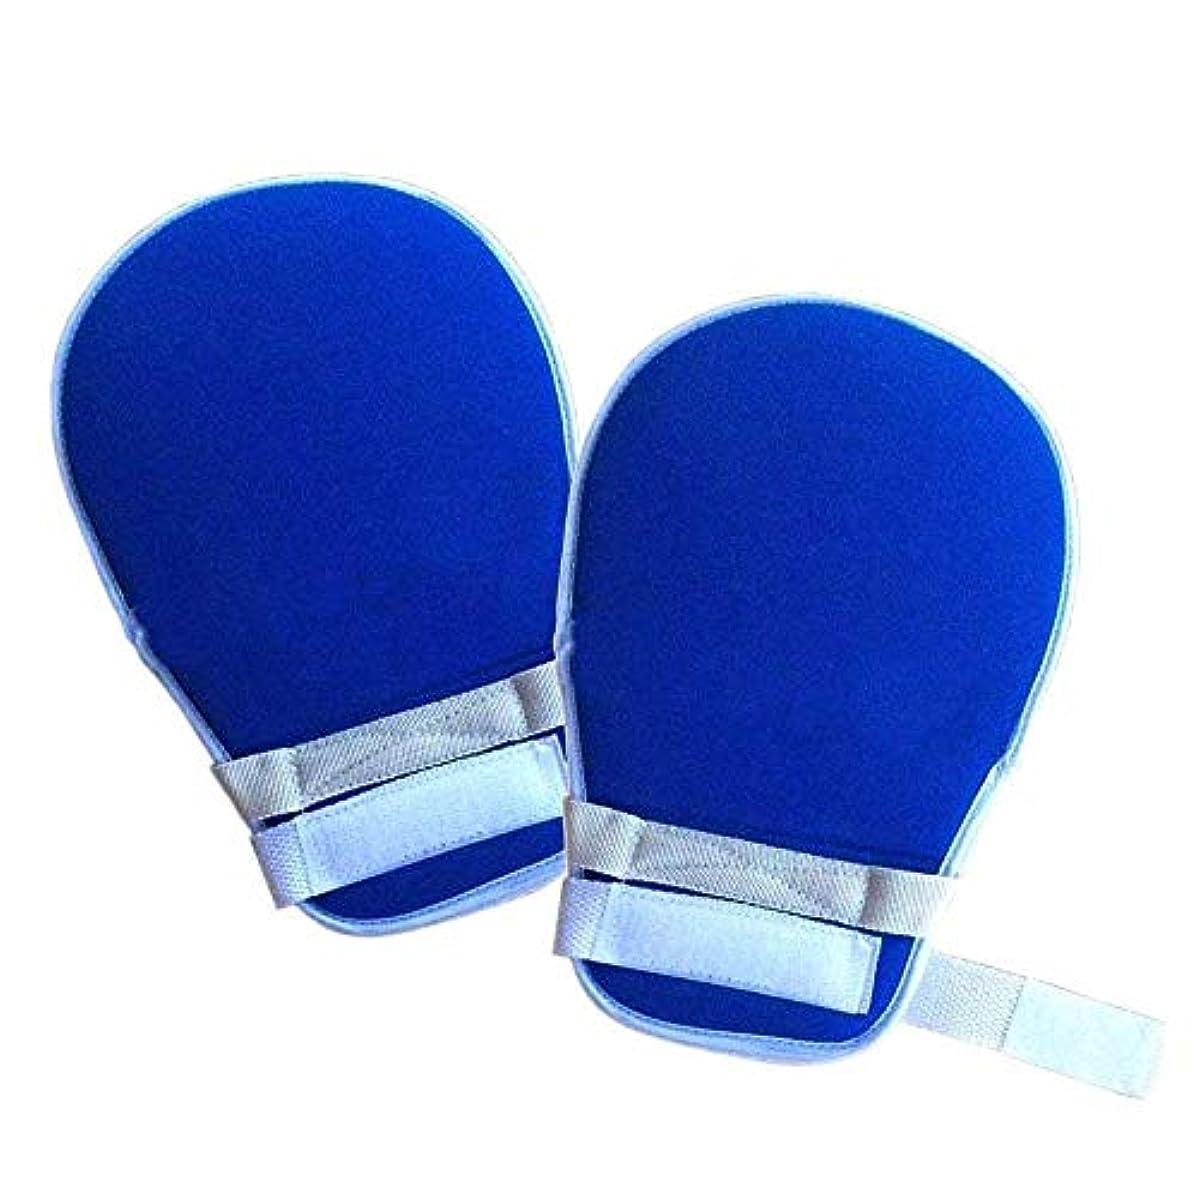 成熟ピンポイント言い直すコントロールミット - 手の保護手袋が自傷を防止 - 高齢者認知症用安全拘束手袋(1ペア)